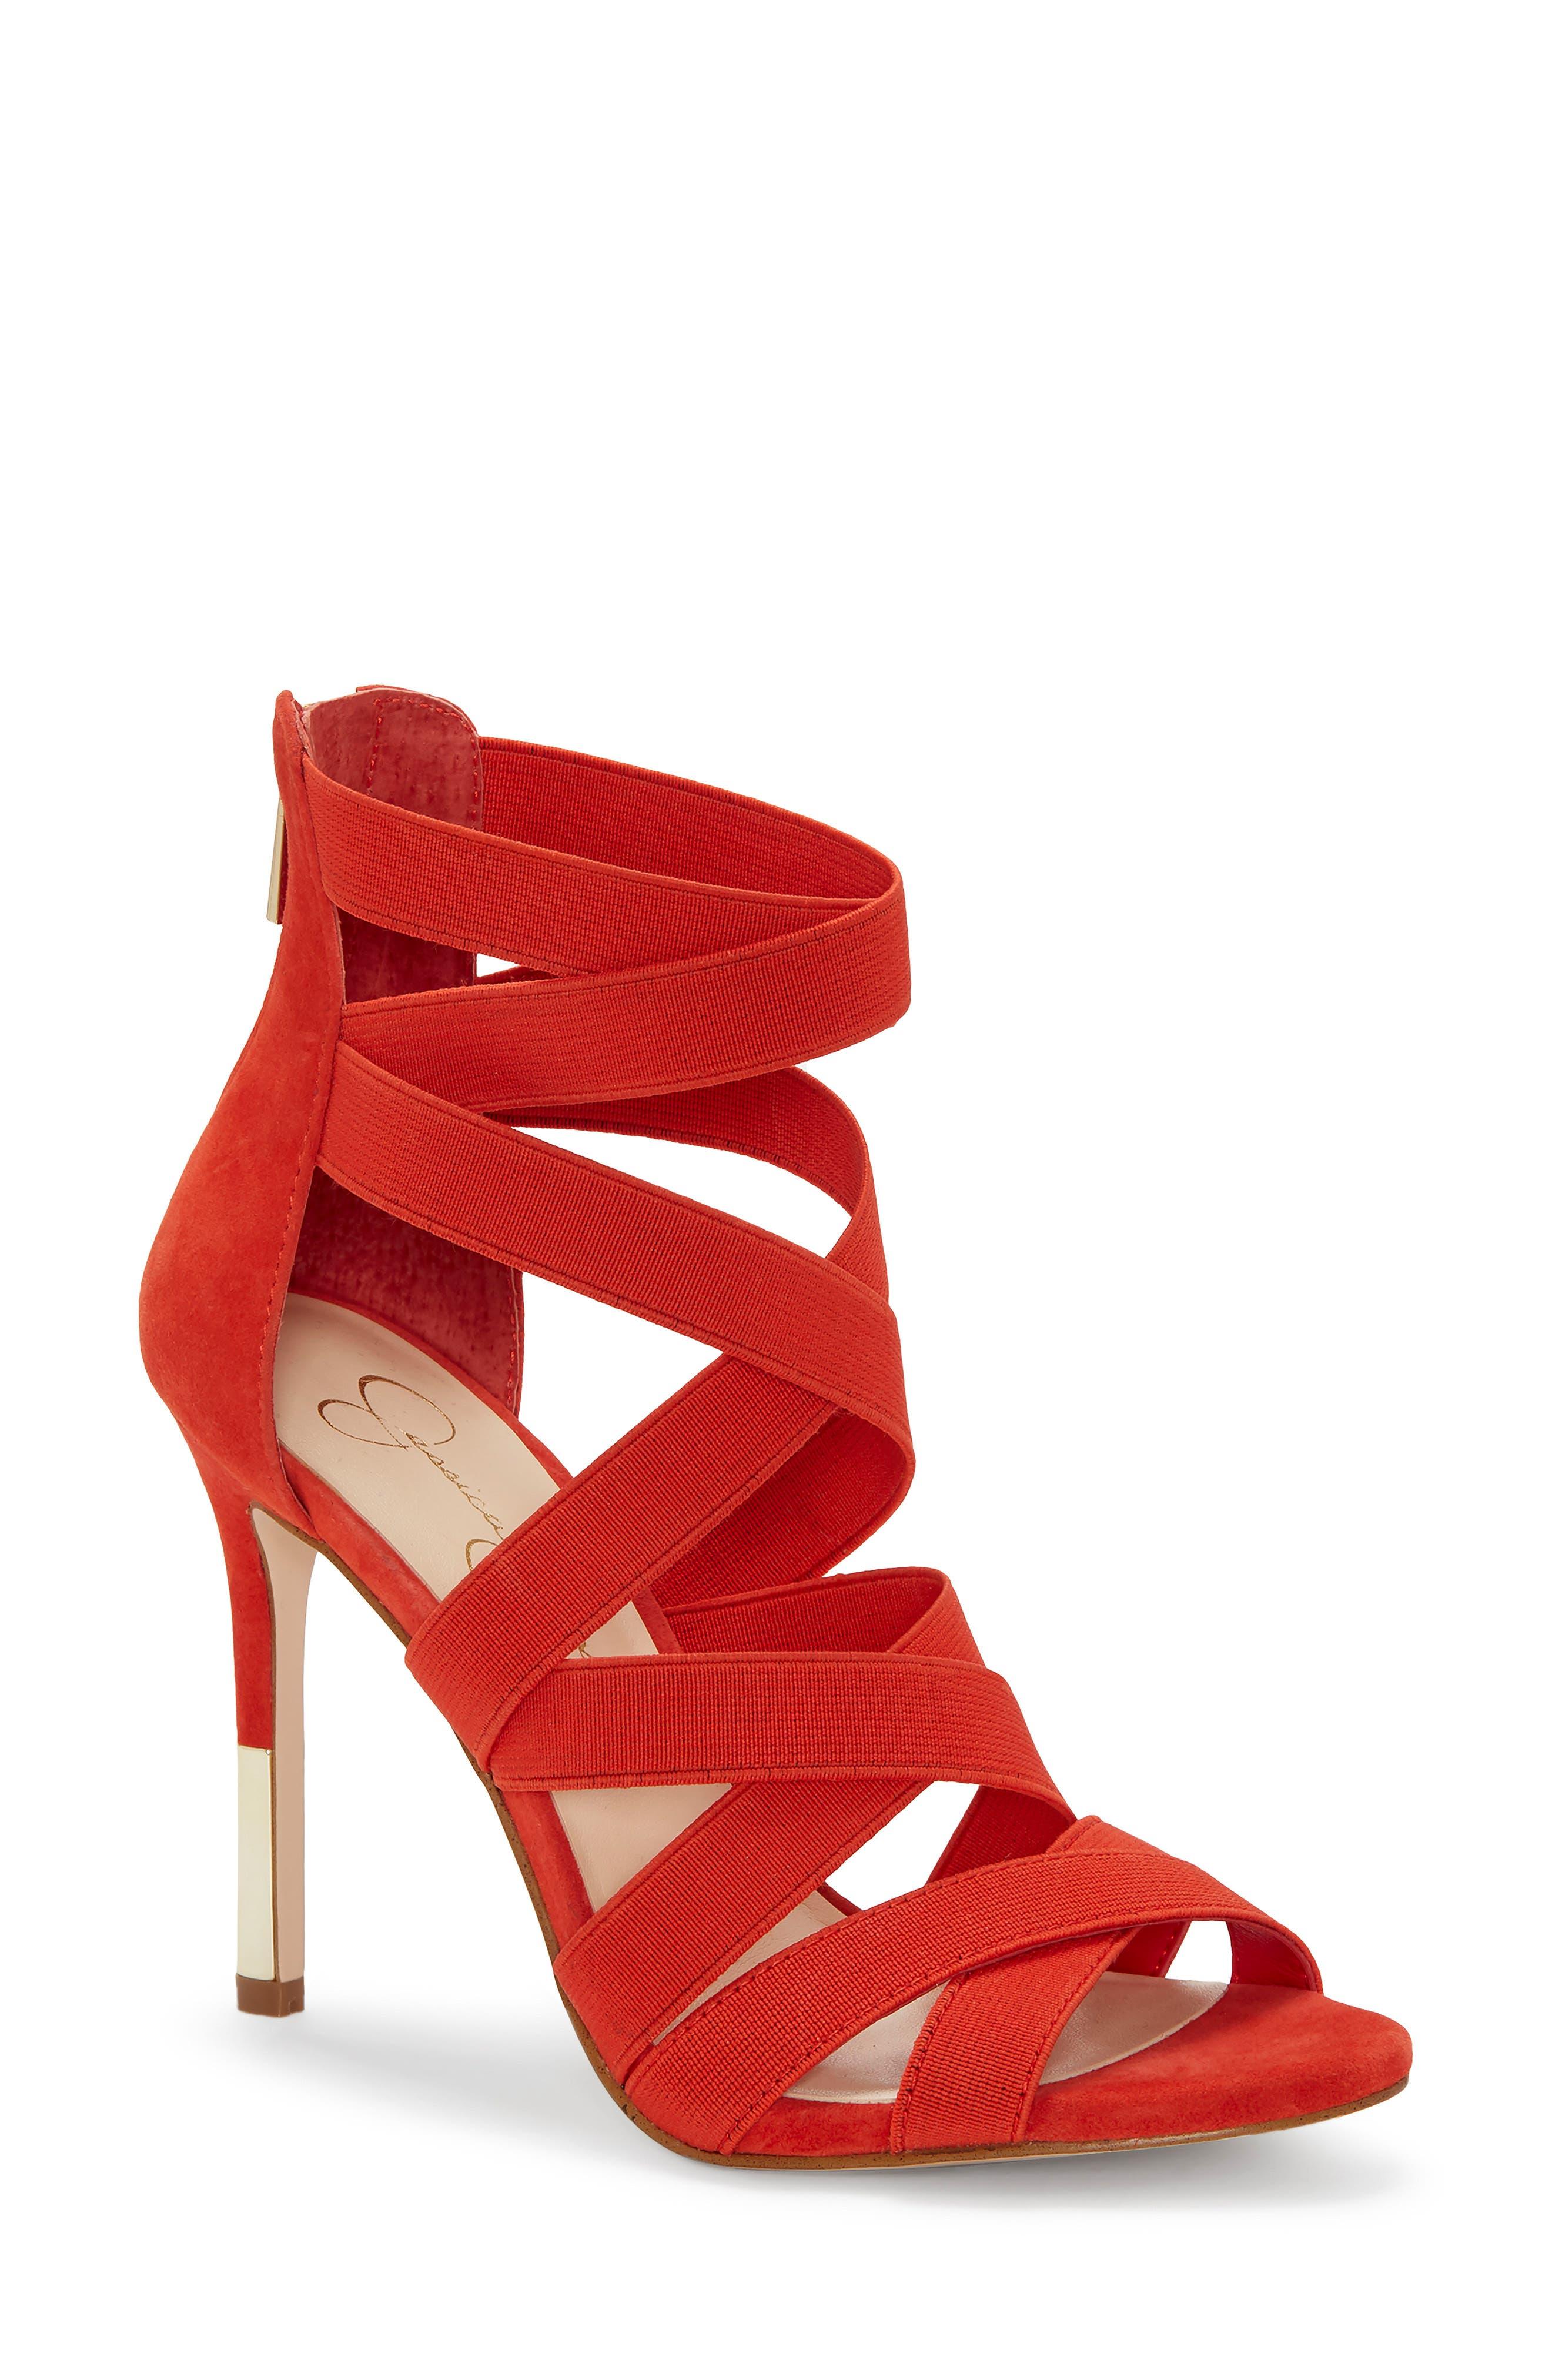 Jessica Simpson Jyra 2 Sandal, Orange